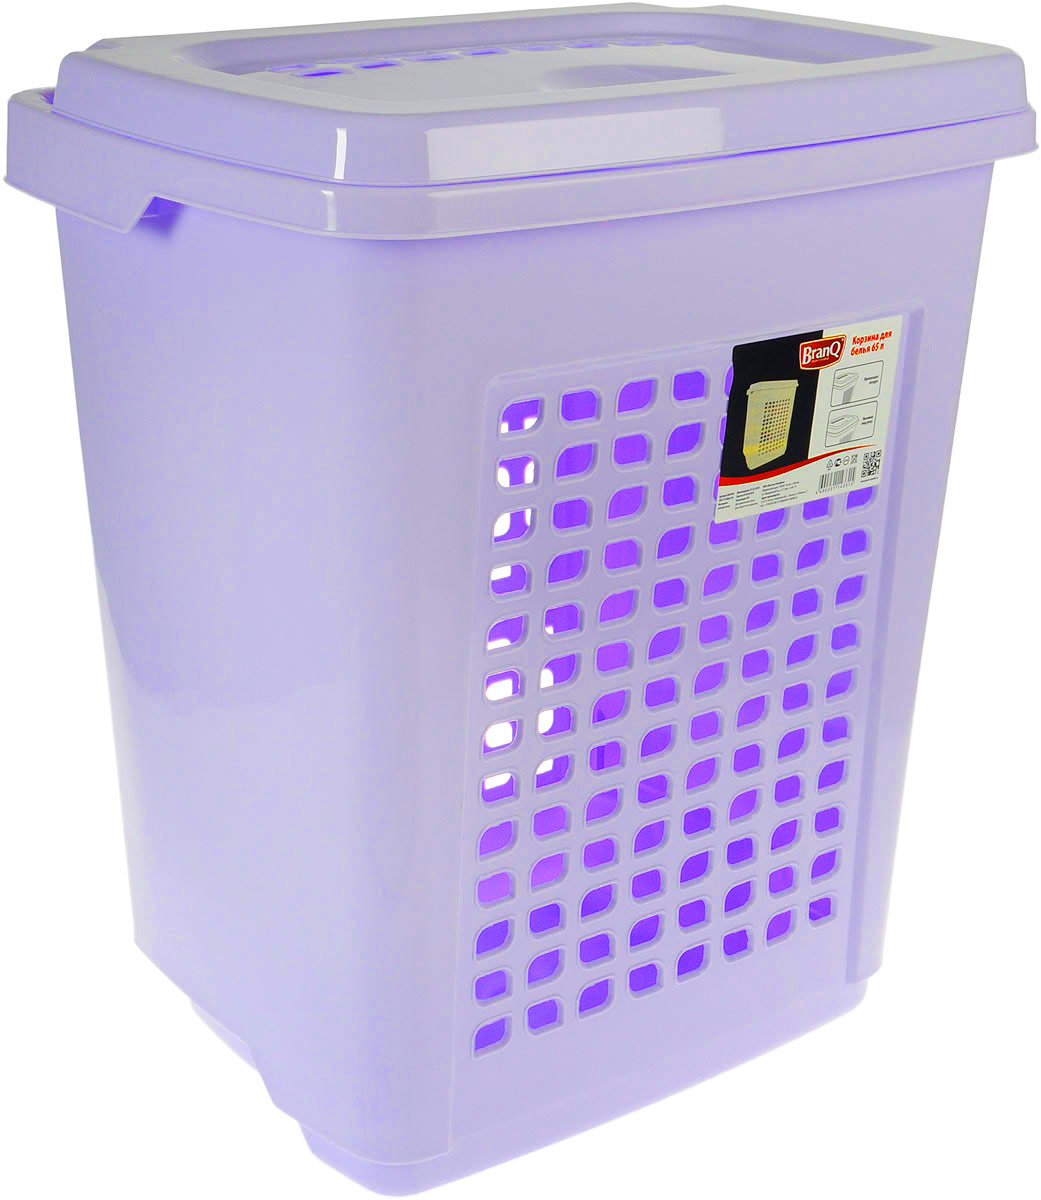 Корзина для белья BranQ, с крышкой, цвет: светло-сиреневый, 65 лBQ1694ЛВДКорзина для белья BranQ изготовлена из прочного пластика. Корзина пропускает воздух, устойчива к перепадам температур и влажности, поэтому идеально подходит для ванной комнаты. Изделие оснащено выемками под руки и крышкой. Можно использовать для хранения белья, детских игрушек, домашней обуви и прочих бытовых вещей. Элегантный дизайн подойдет к интерьеру любой ванной.